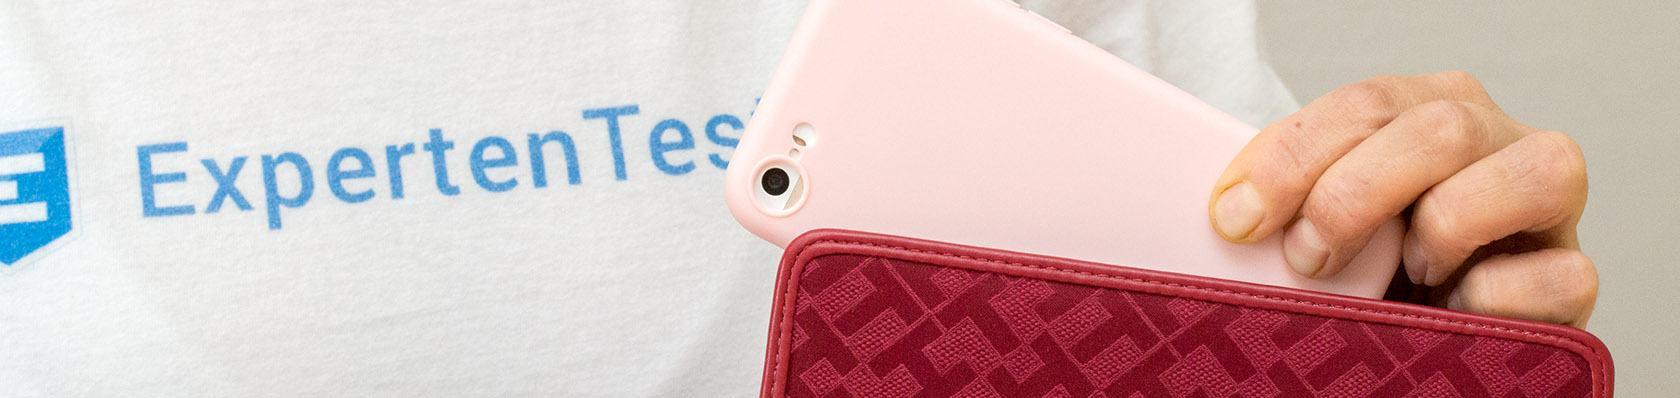 iPhone 7 Produkte im Test auf ExpertenTesten.de